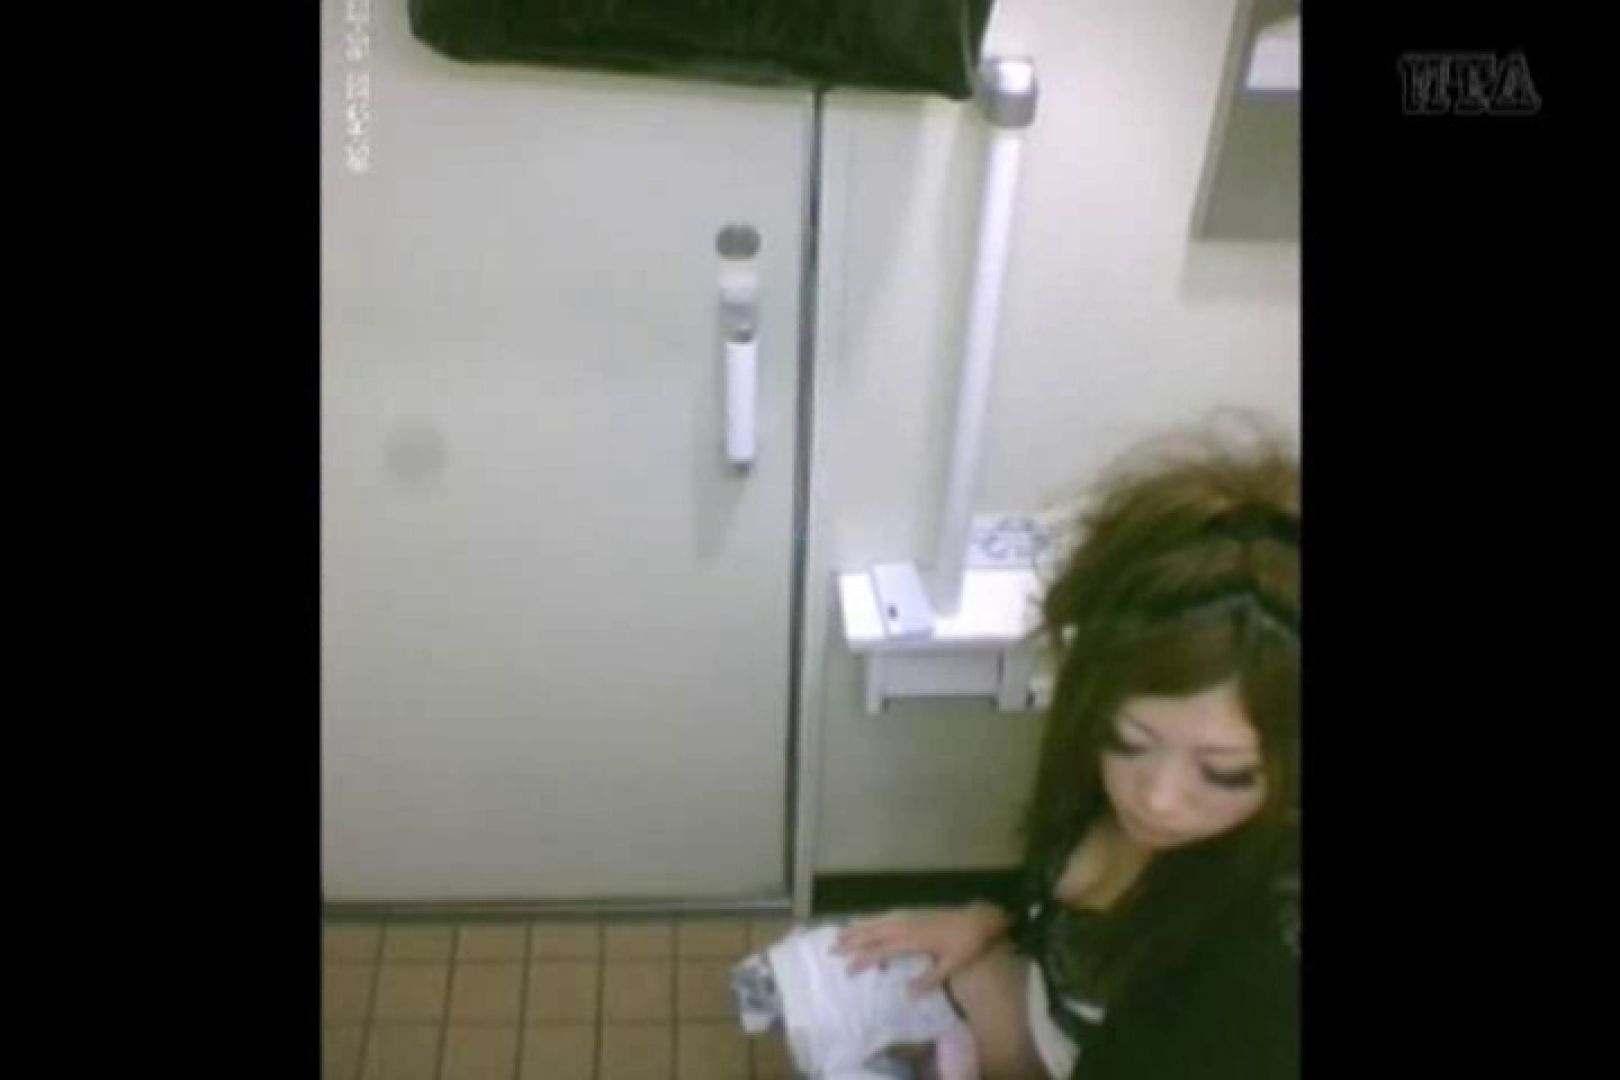 洋式洗面所オムニバスvol.8 洗面所はめどり AV無料動画キャプチャ 104画像 47